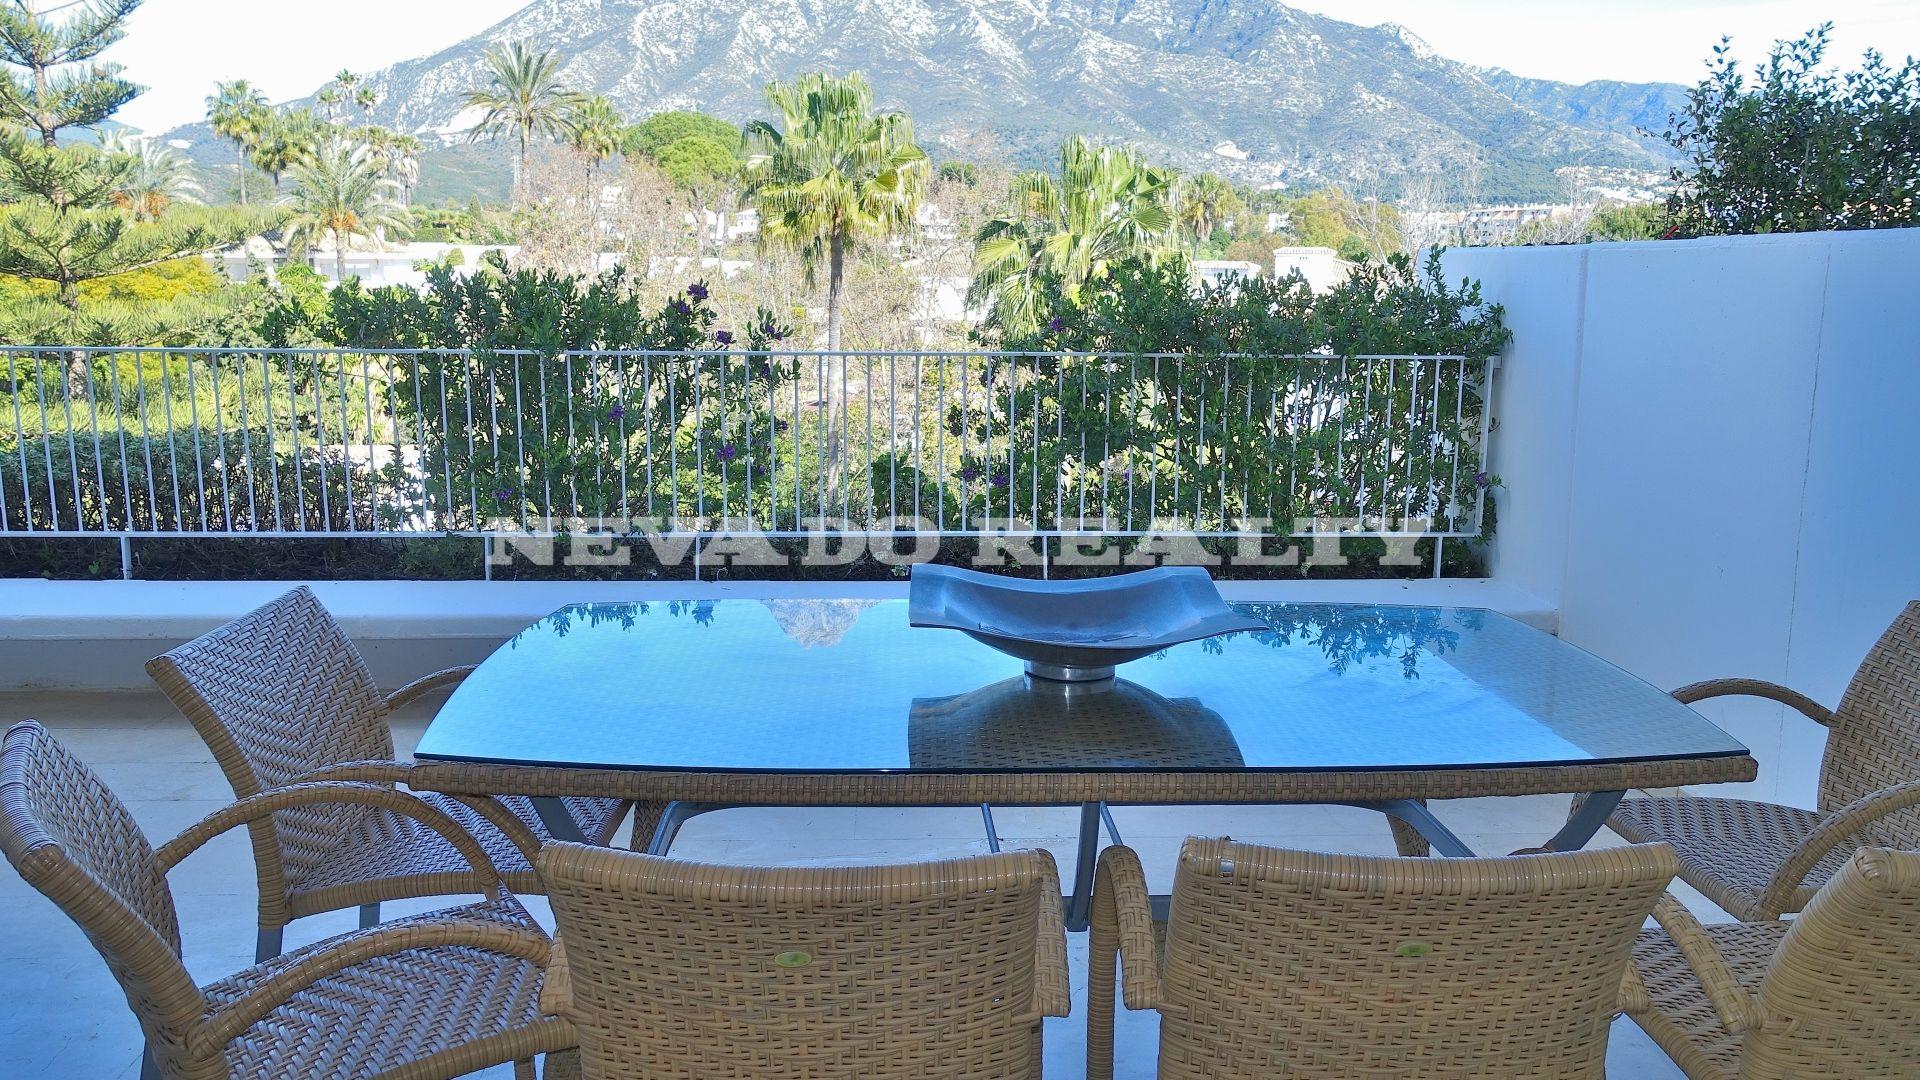 Atico en venta en las terrazas marbella golden mile - Atico en marbella ...